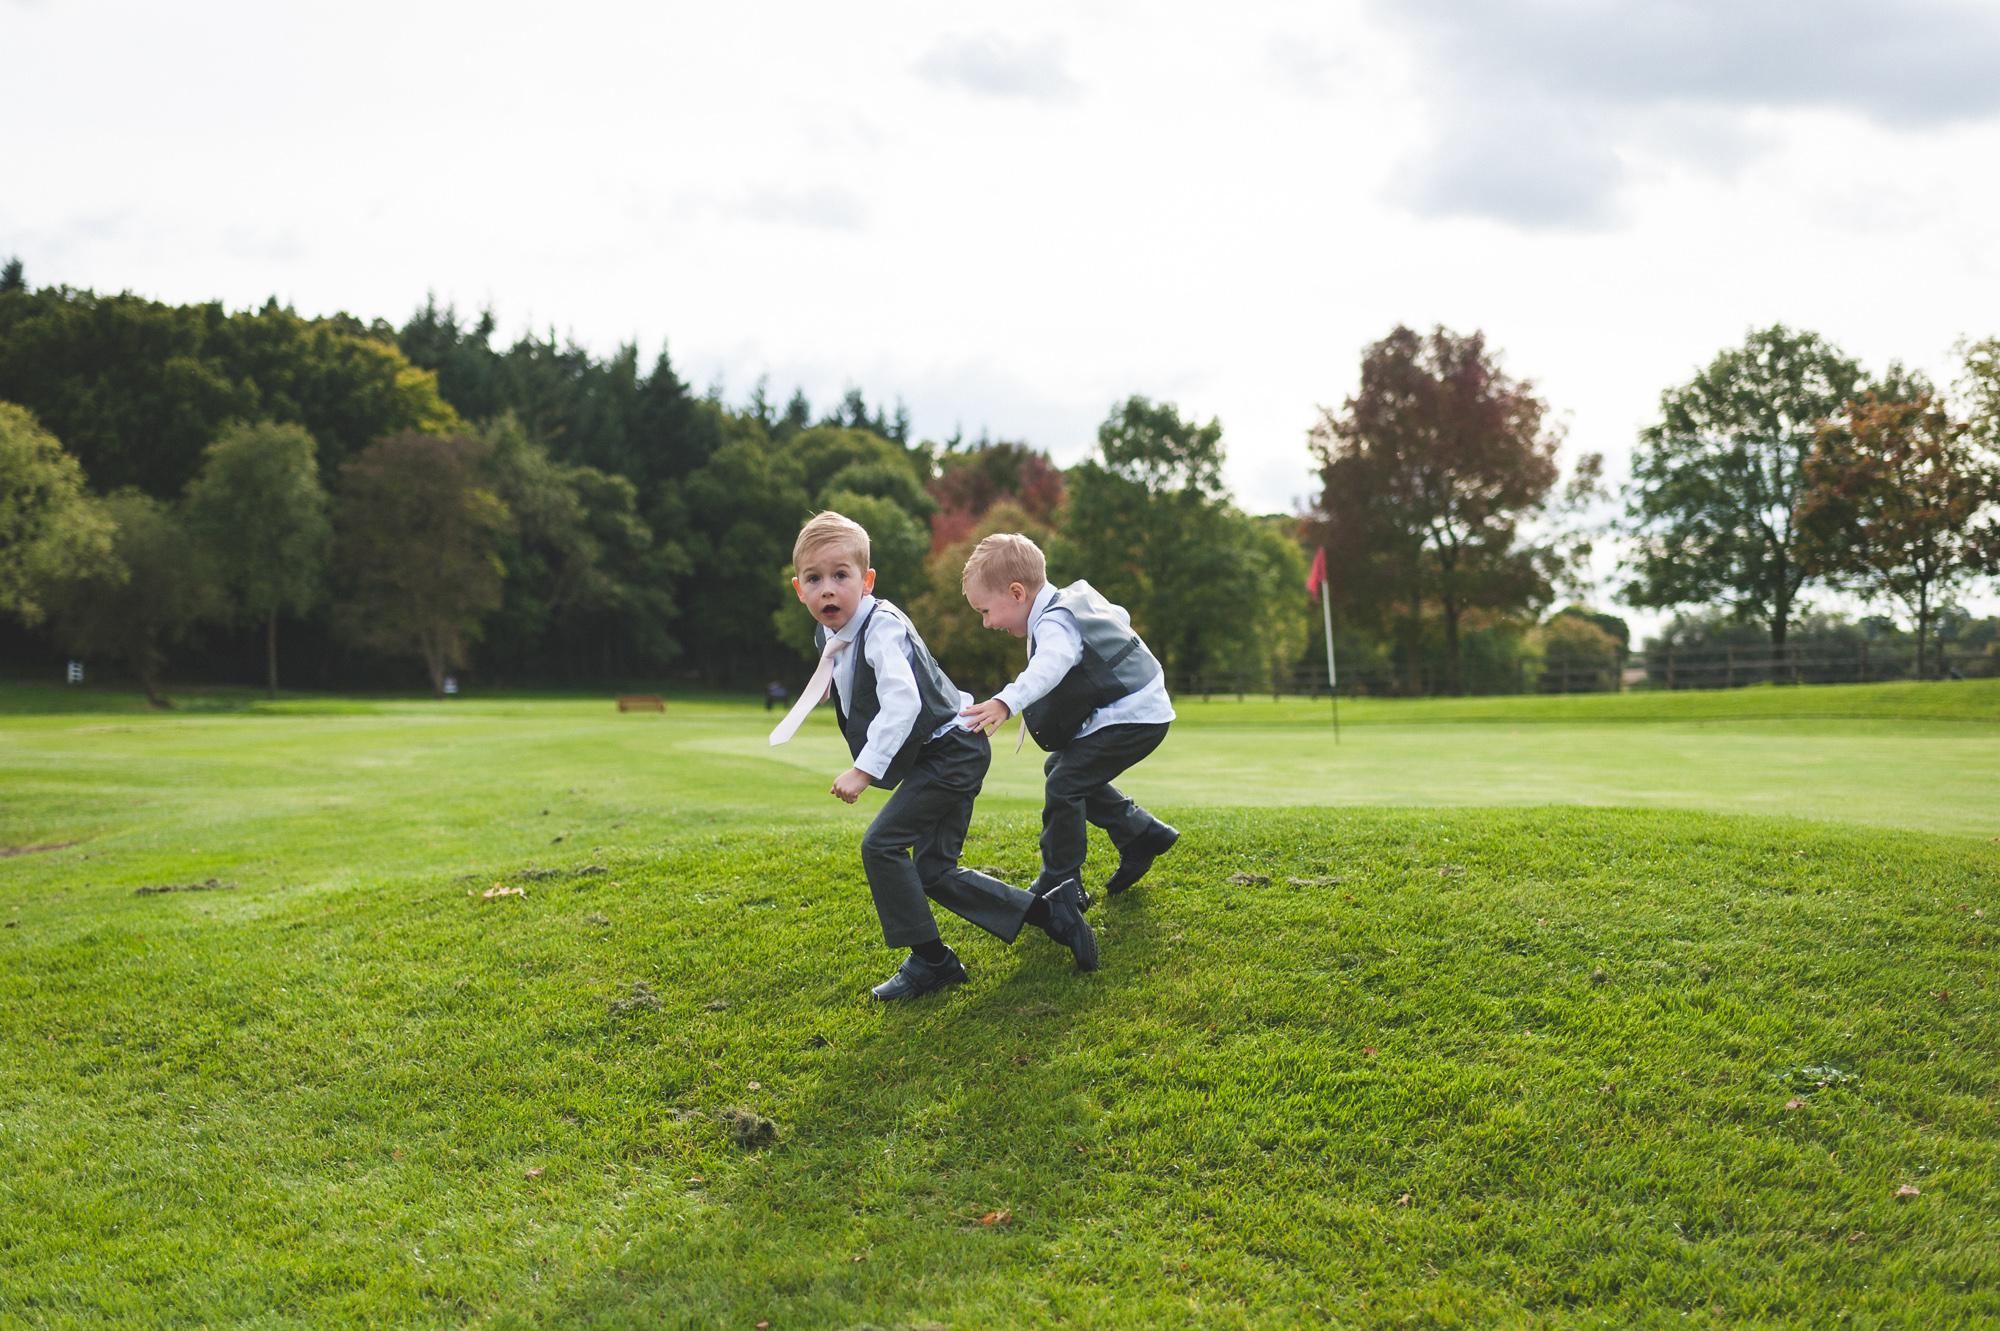 Kerry&Aaron313.jpg